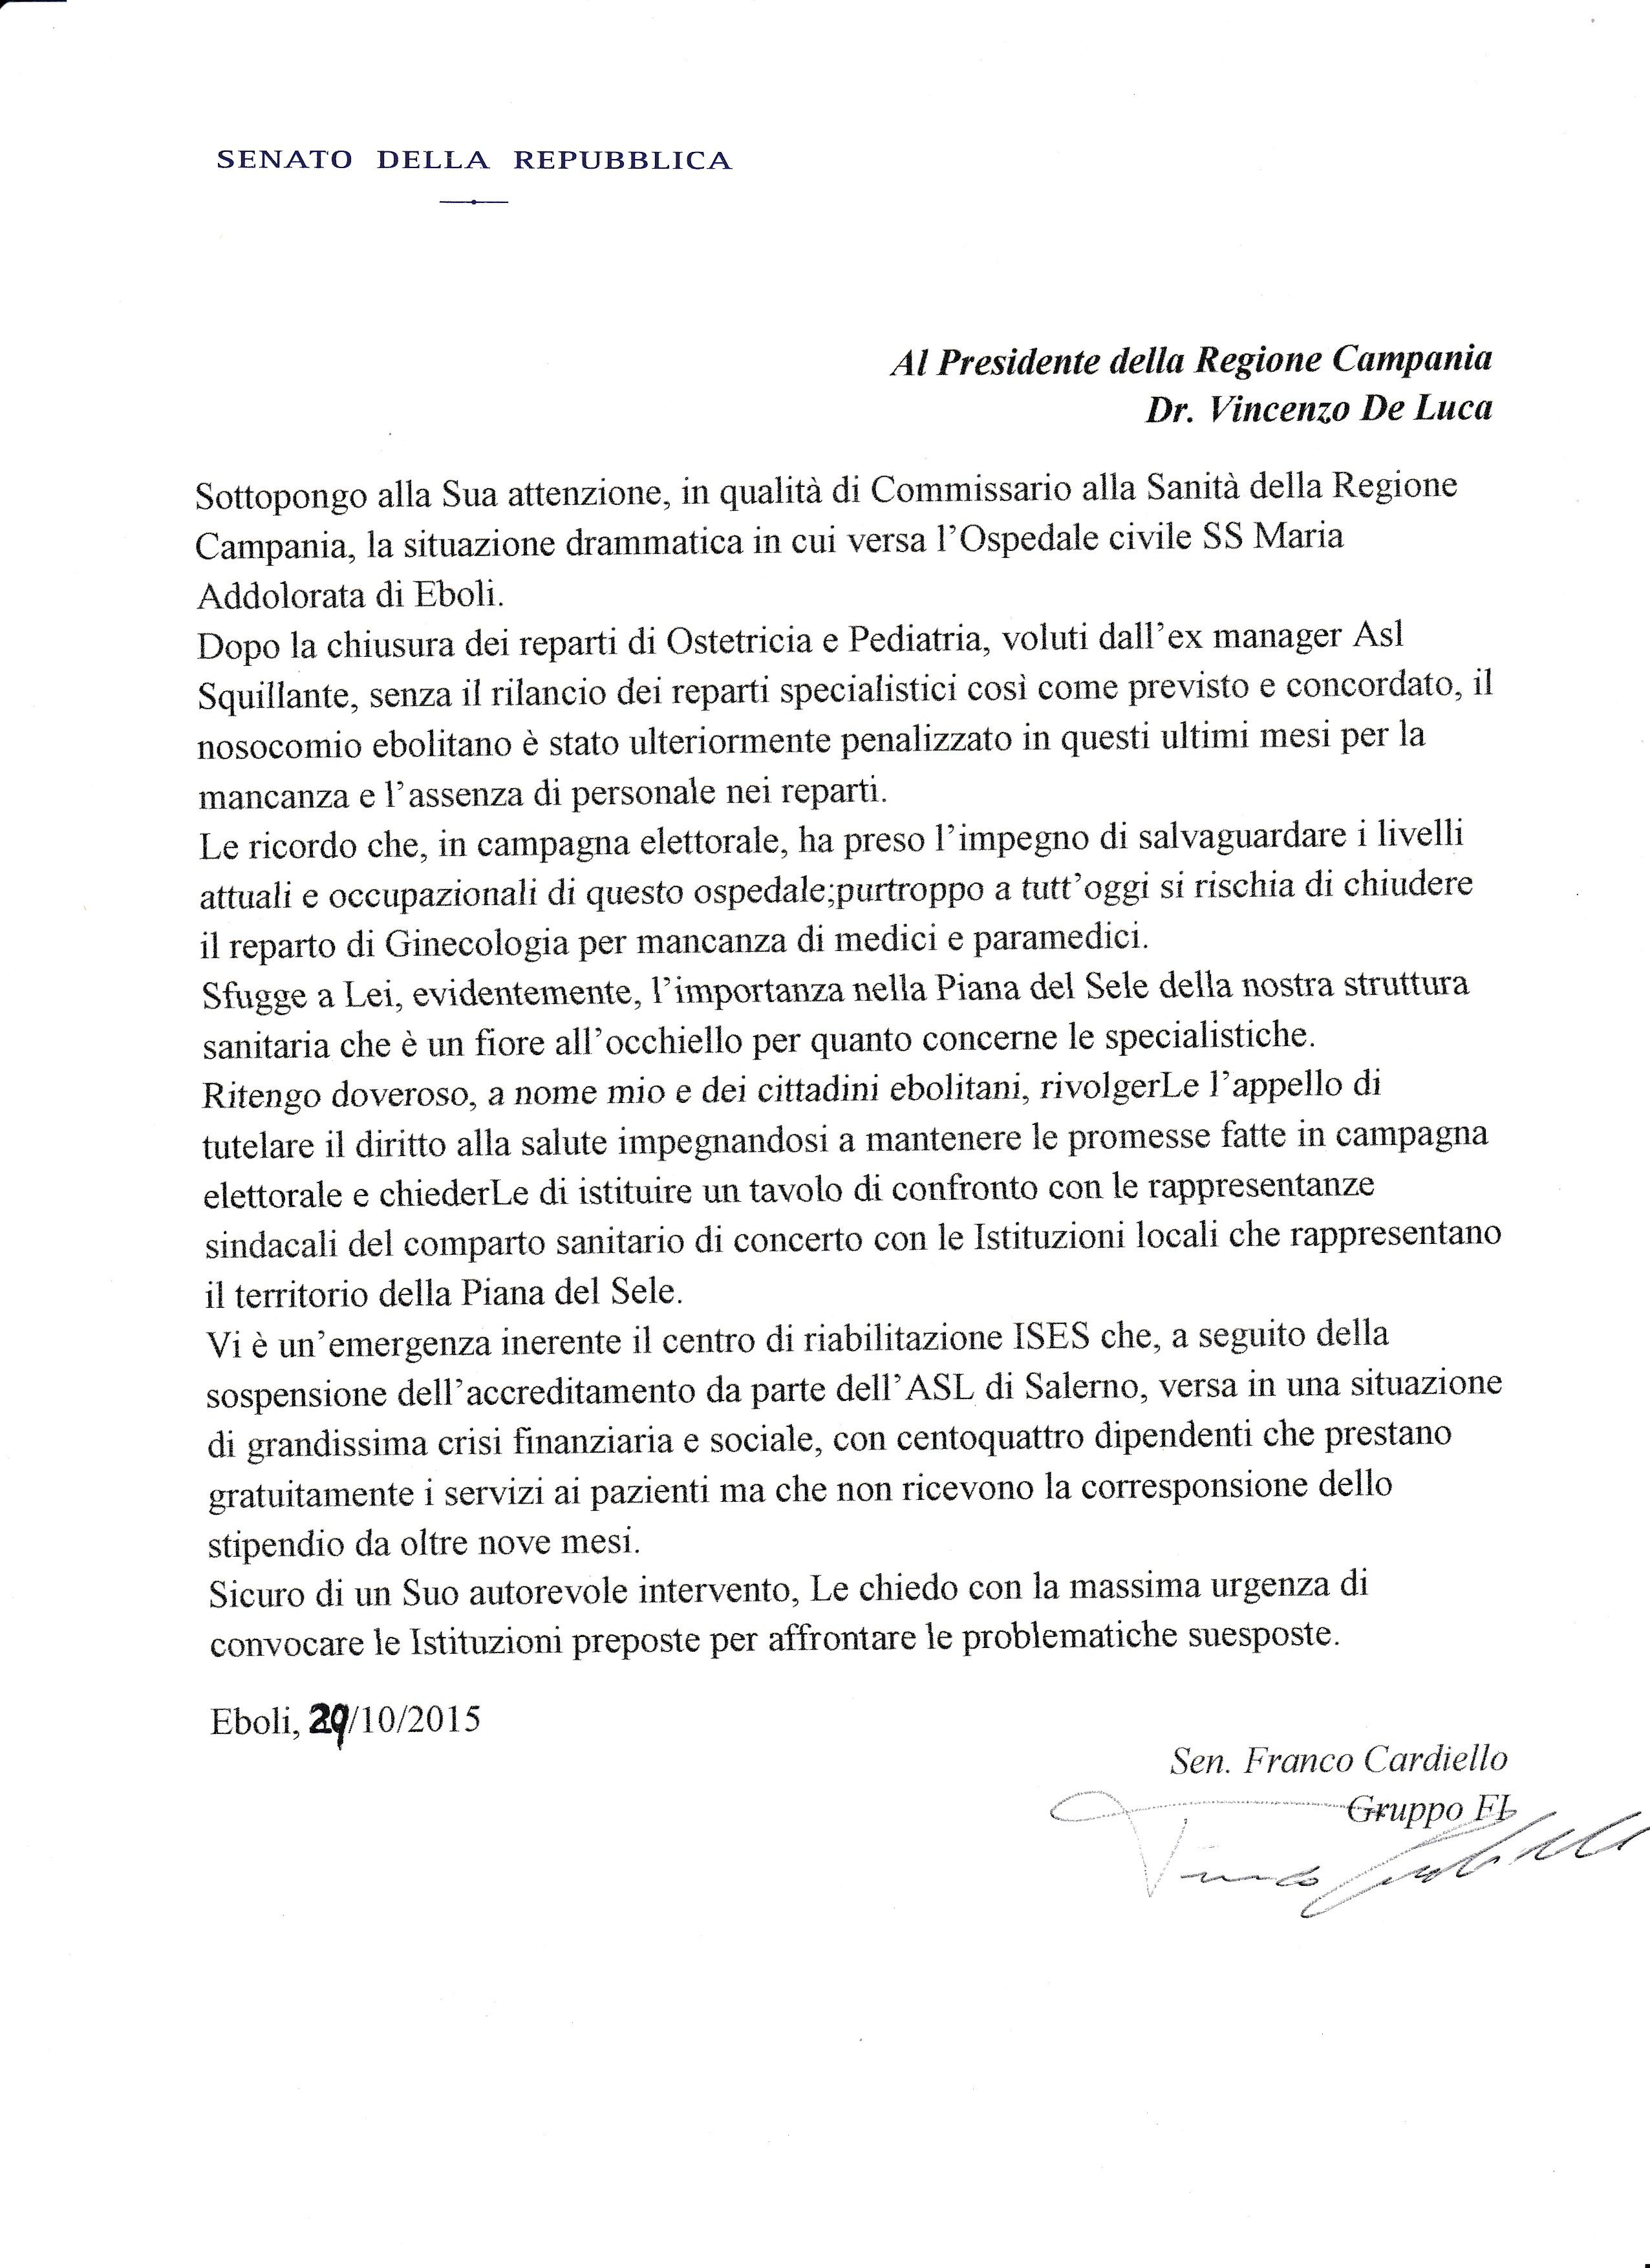 lettera incontro con De Luca di Cardiello